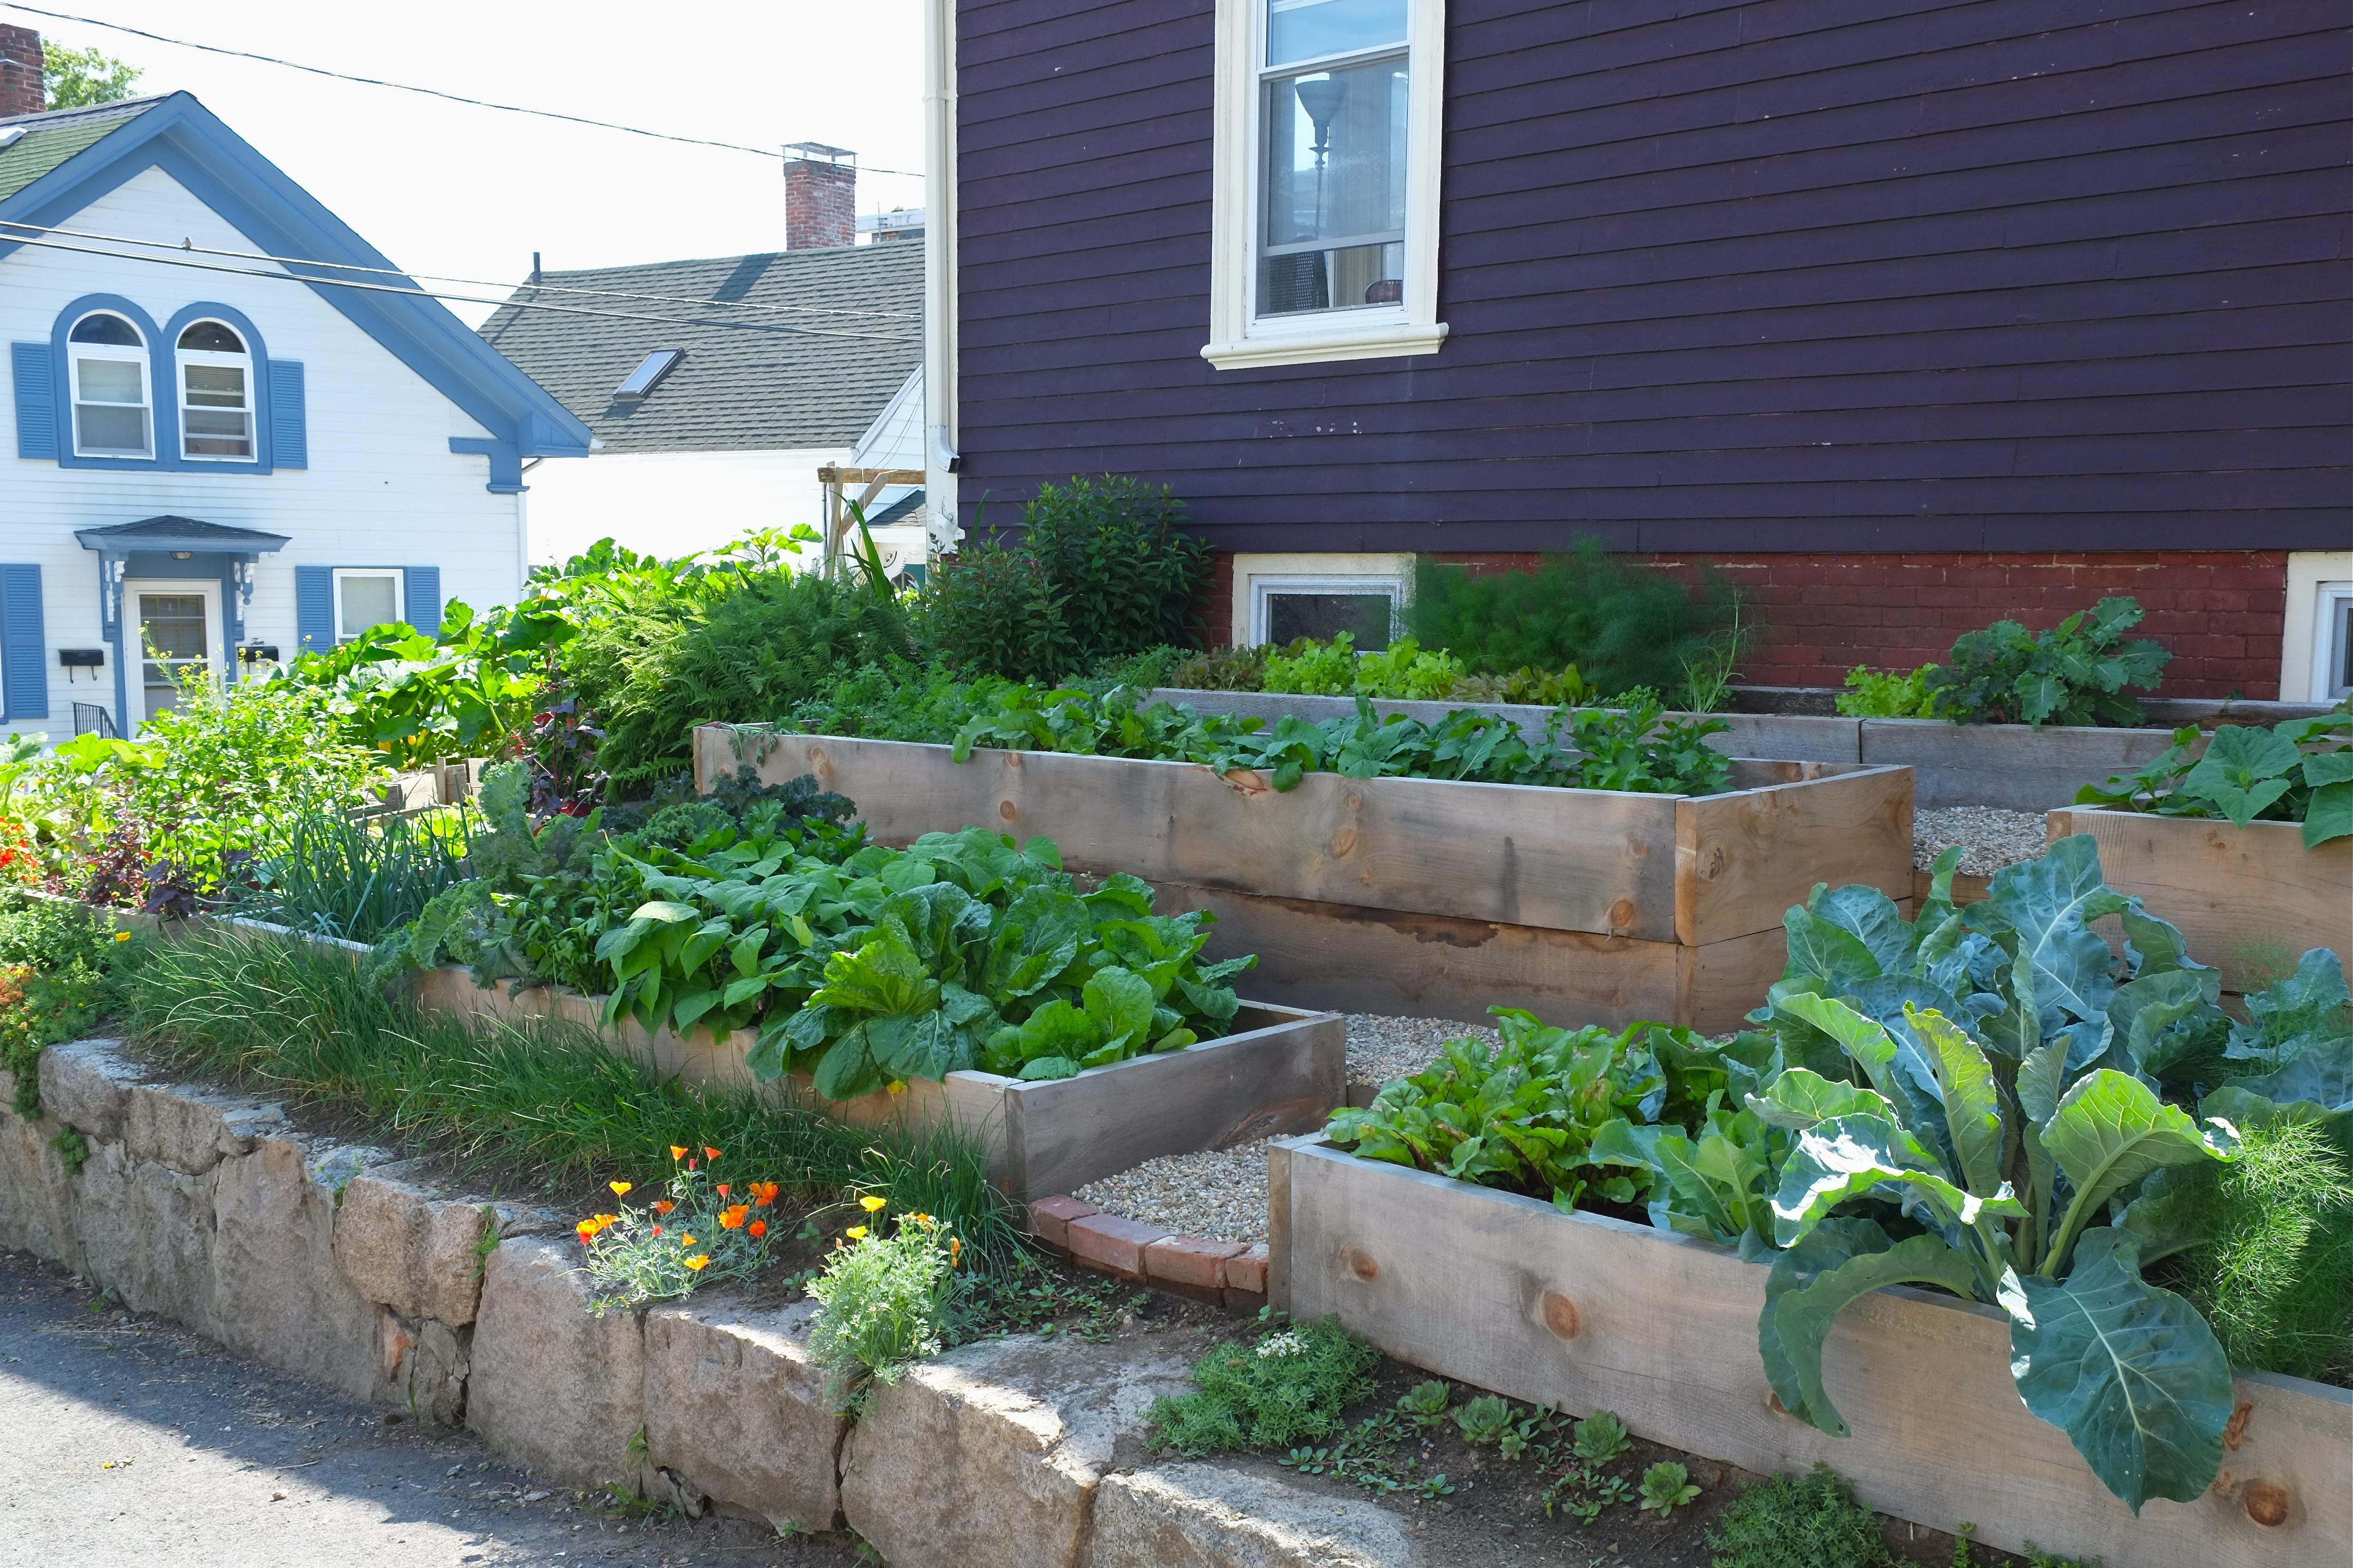 Lara S Garden Raised Beds Backyard Growers Incredible Edible Garden